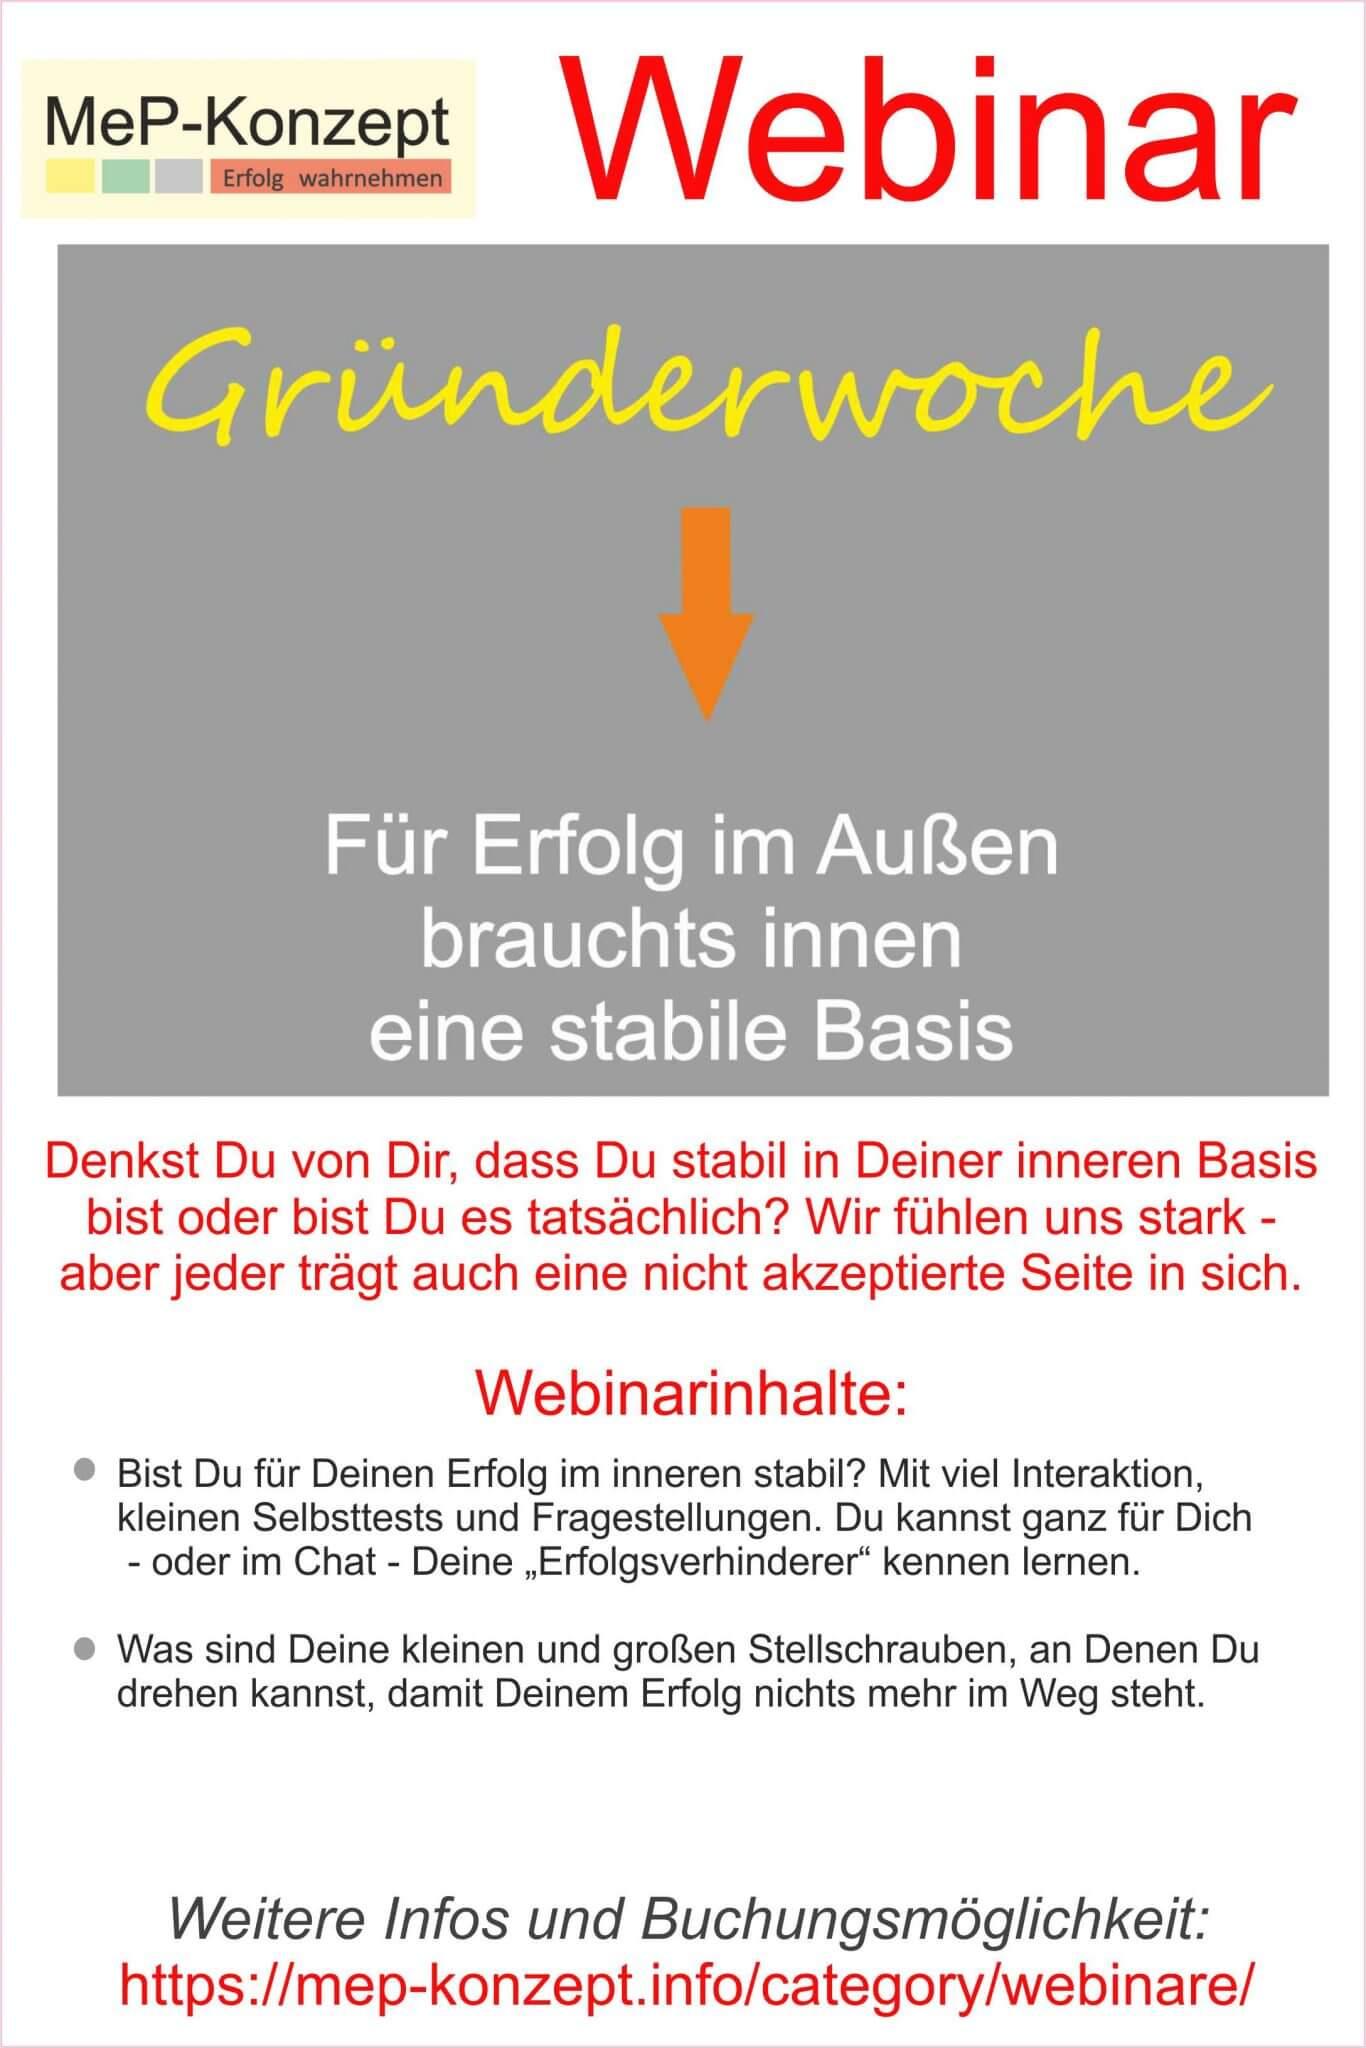 Gründerwoche-Webinar: Innere Stabilität für den Erfolg im Außen